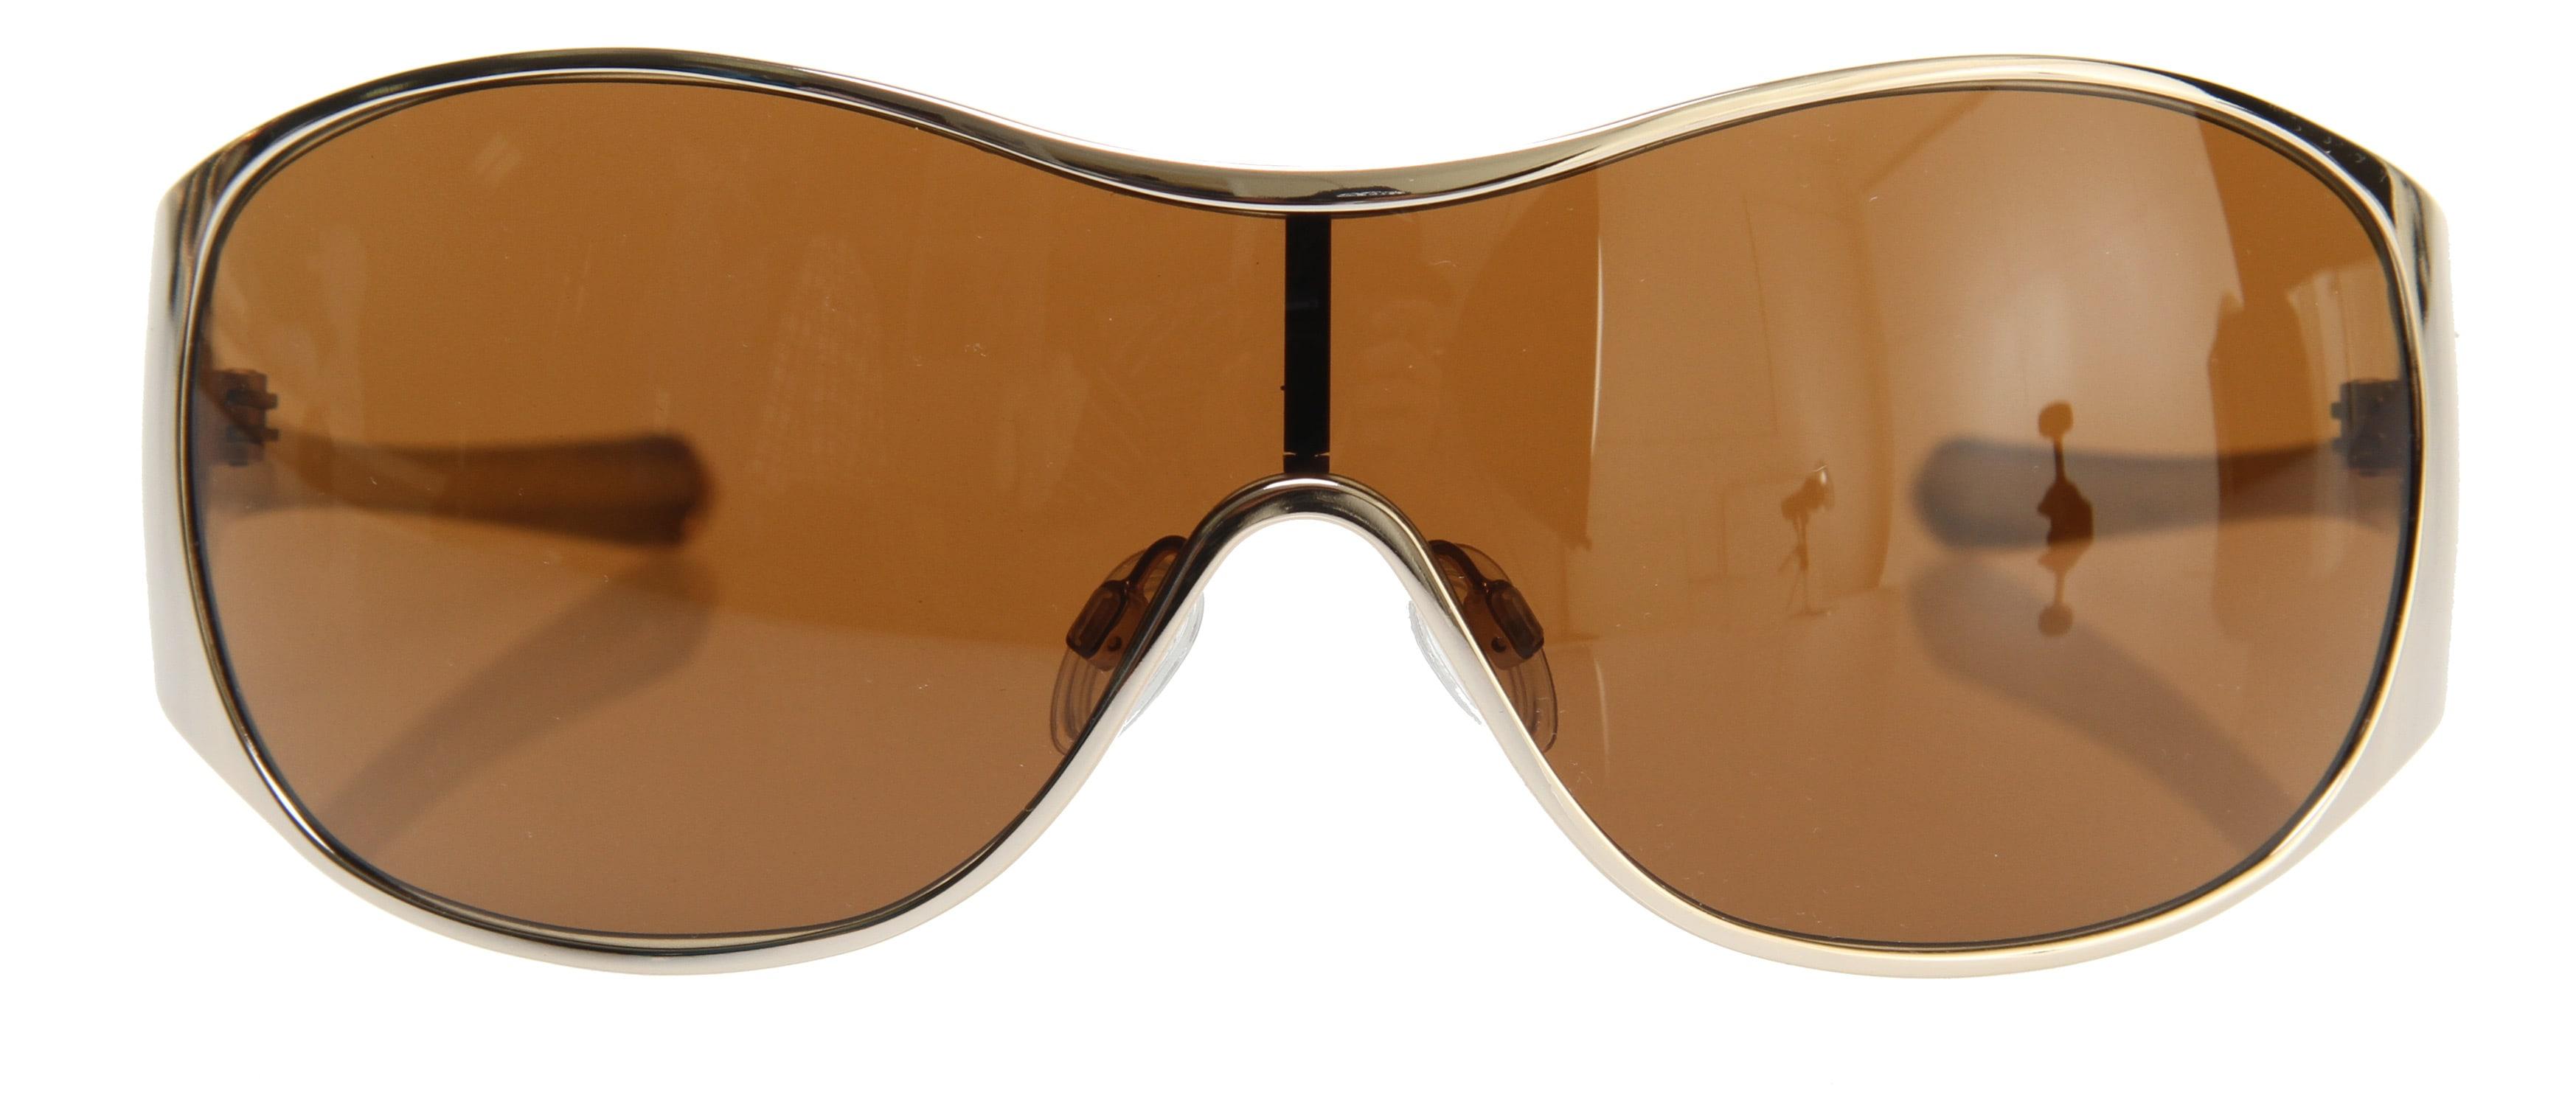 a560656faf901 Oakley Breathless Ladies Sunglasses « Heritage Malta